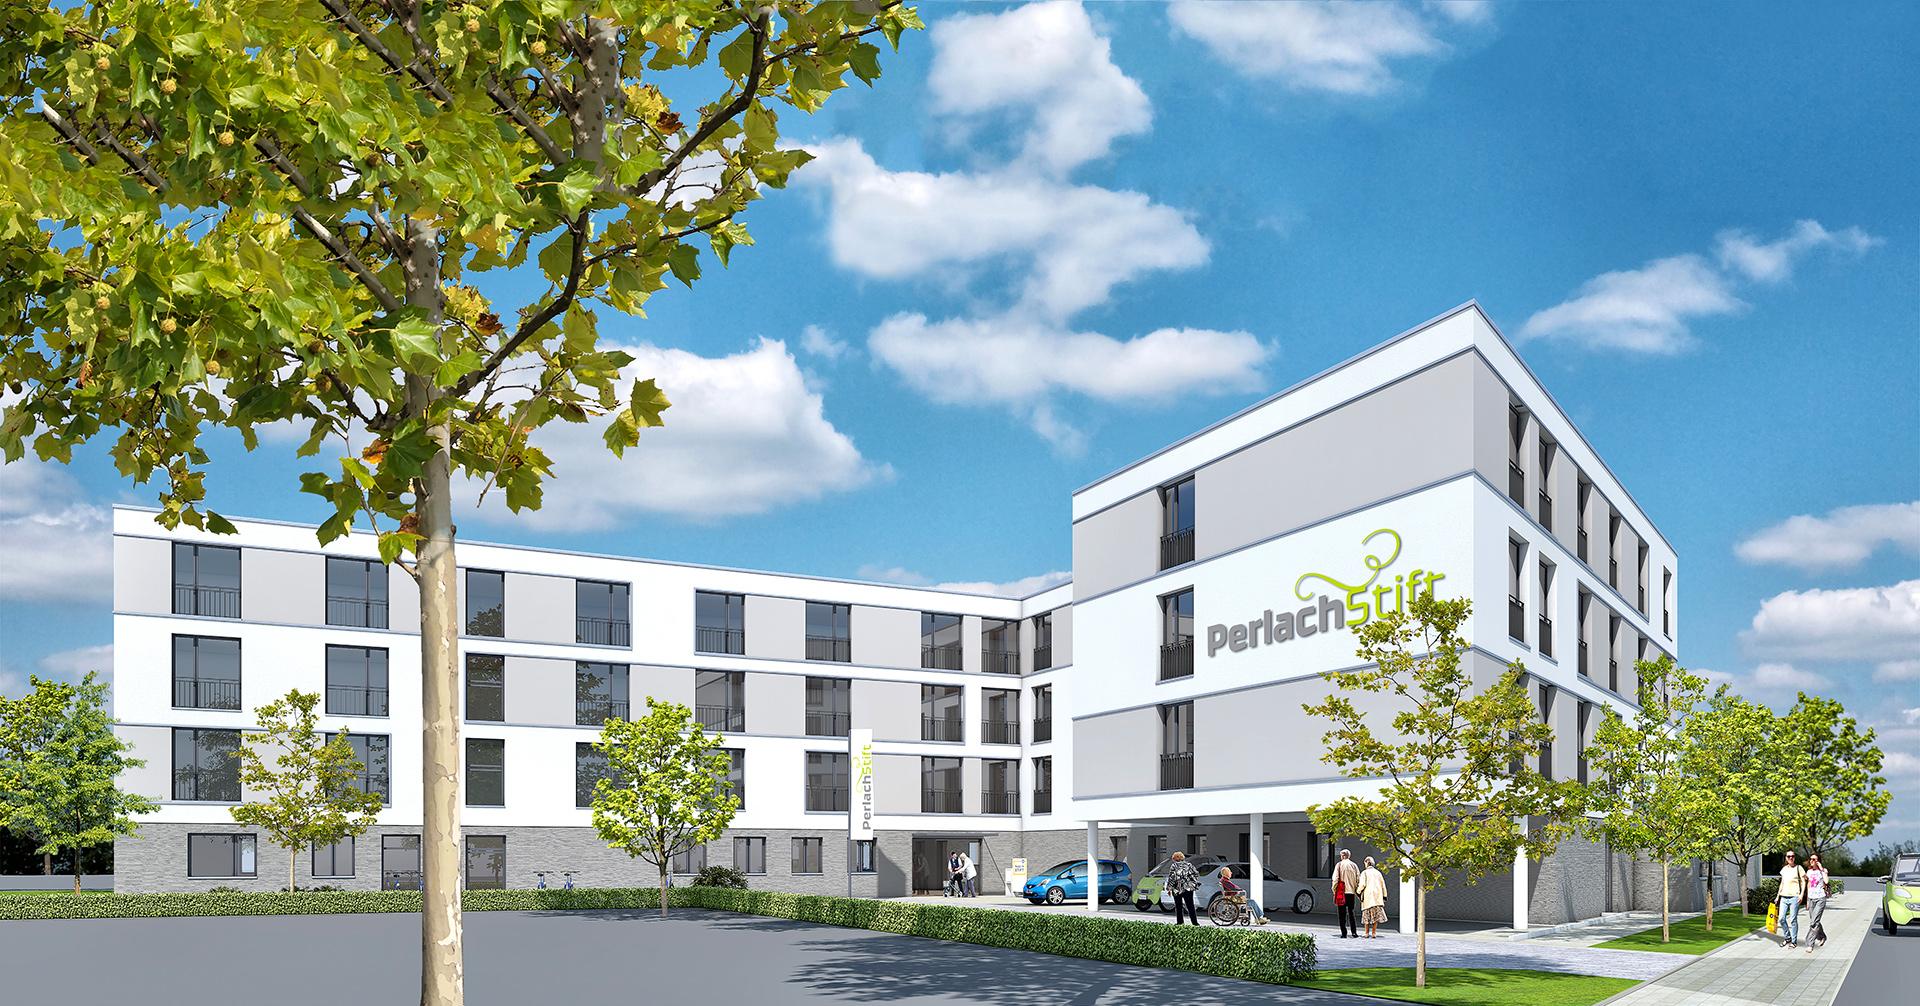 Verkauf von Neubauprojekt PerlachStift